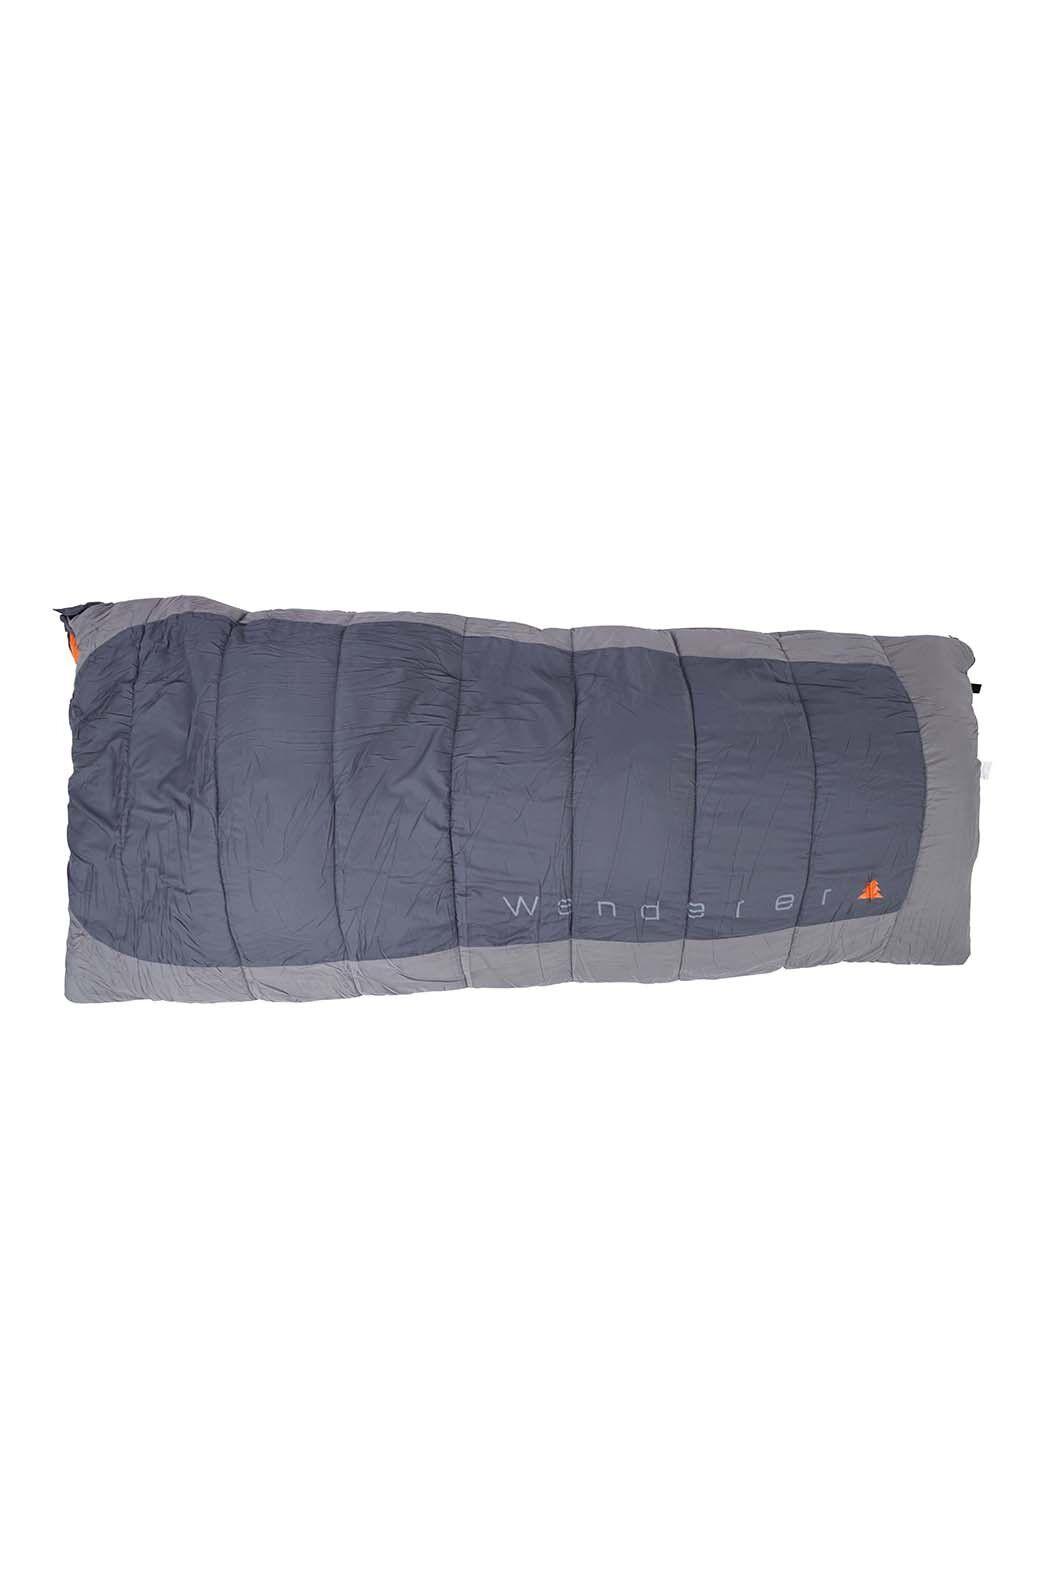 Wanderer FullFlame Camper Sleeping Bag, None, hi-res